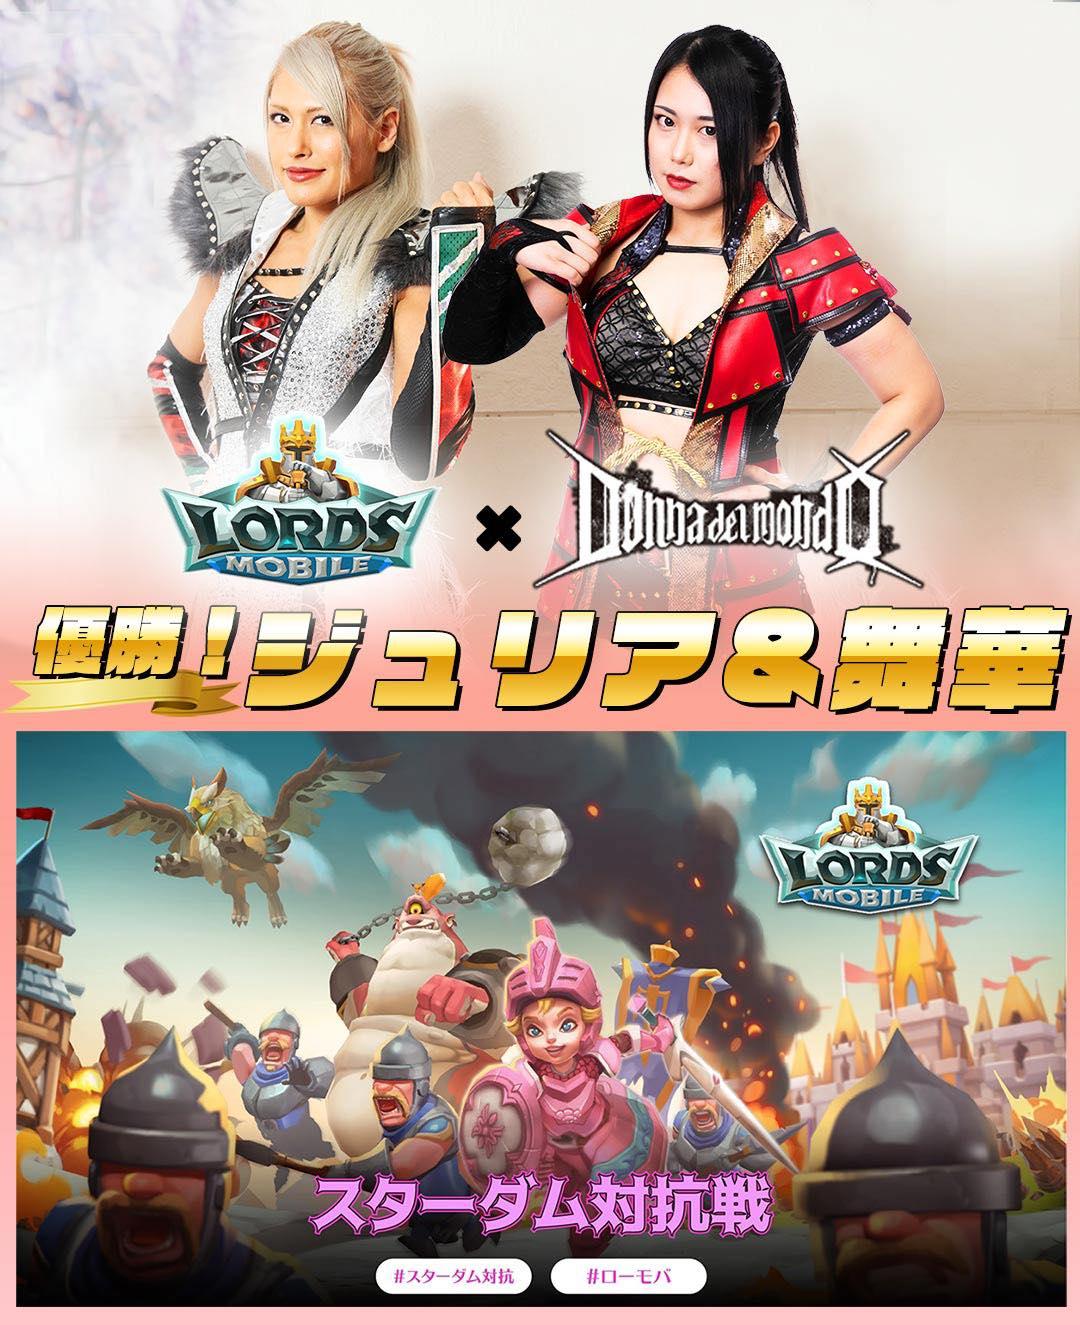 ロードモバイル、「スターダム対抗戦」の優勝コンビが決定!ジュリア&舞華が東京ドームシティ内に掲載のローモバ広告モデルに!